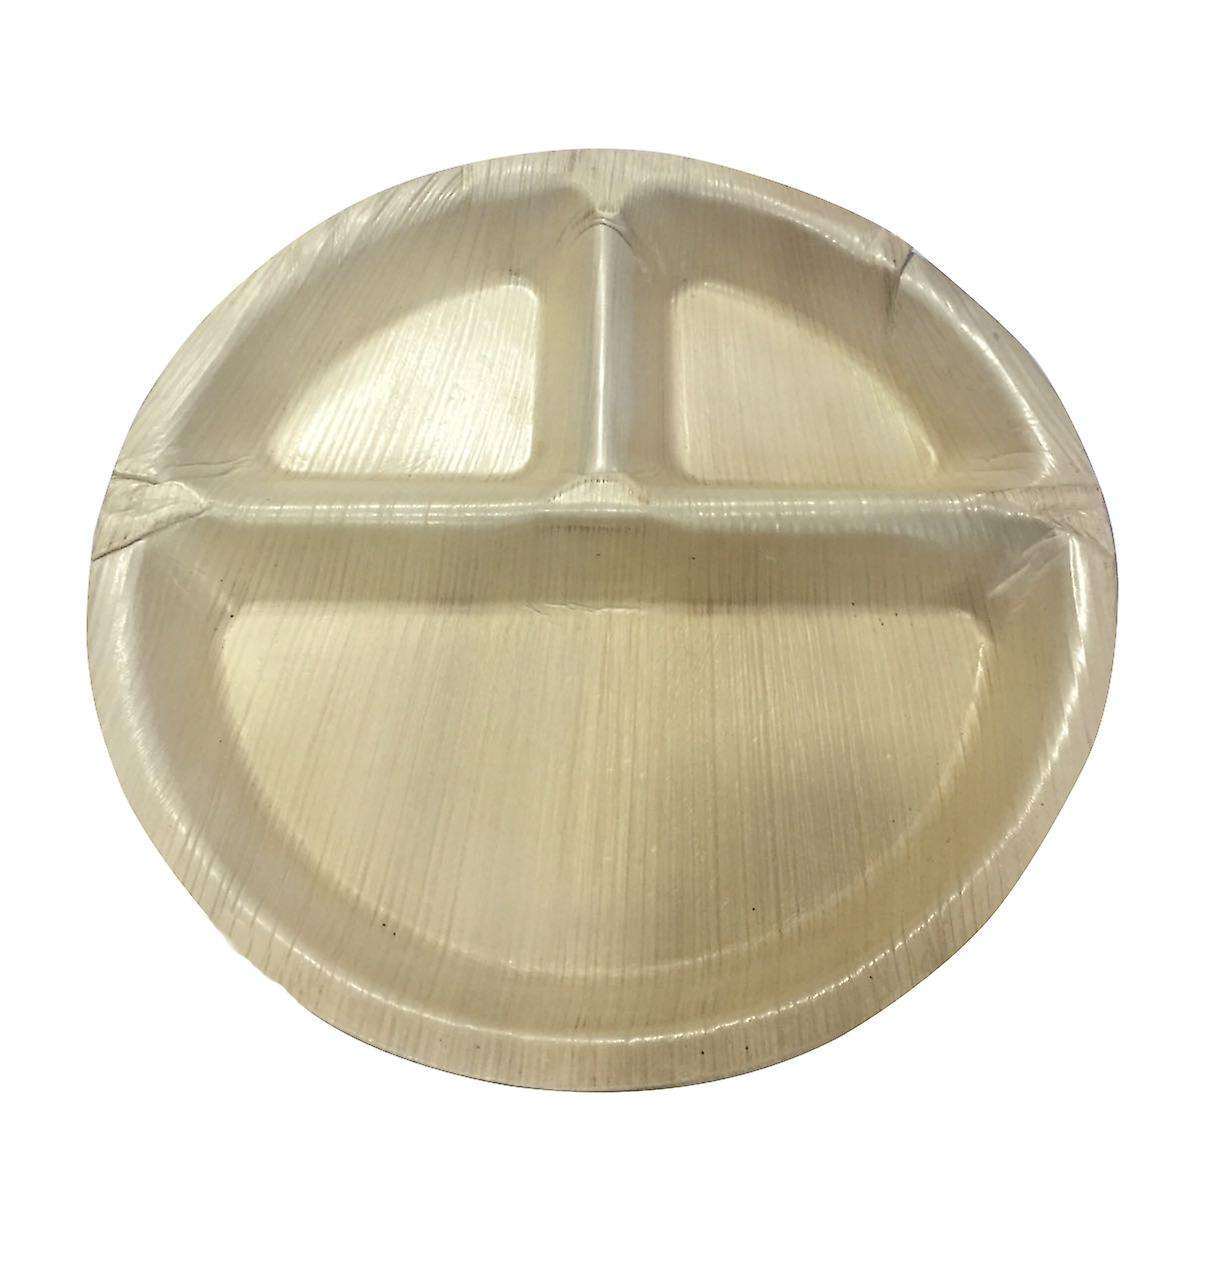 Öko-Einweg-Party-Platten - 25 Cm rund mit 3 Partitionen (25 Platten)